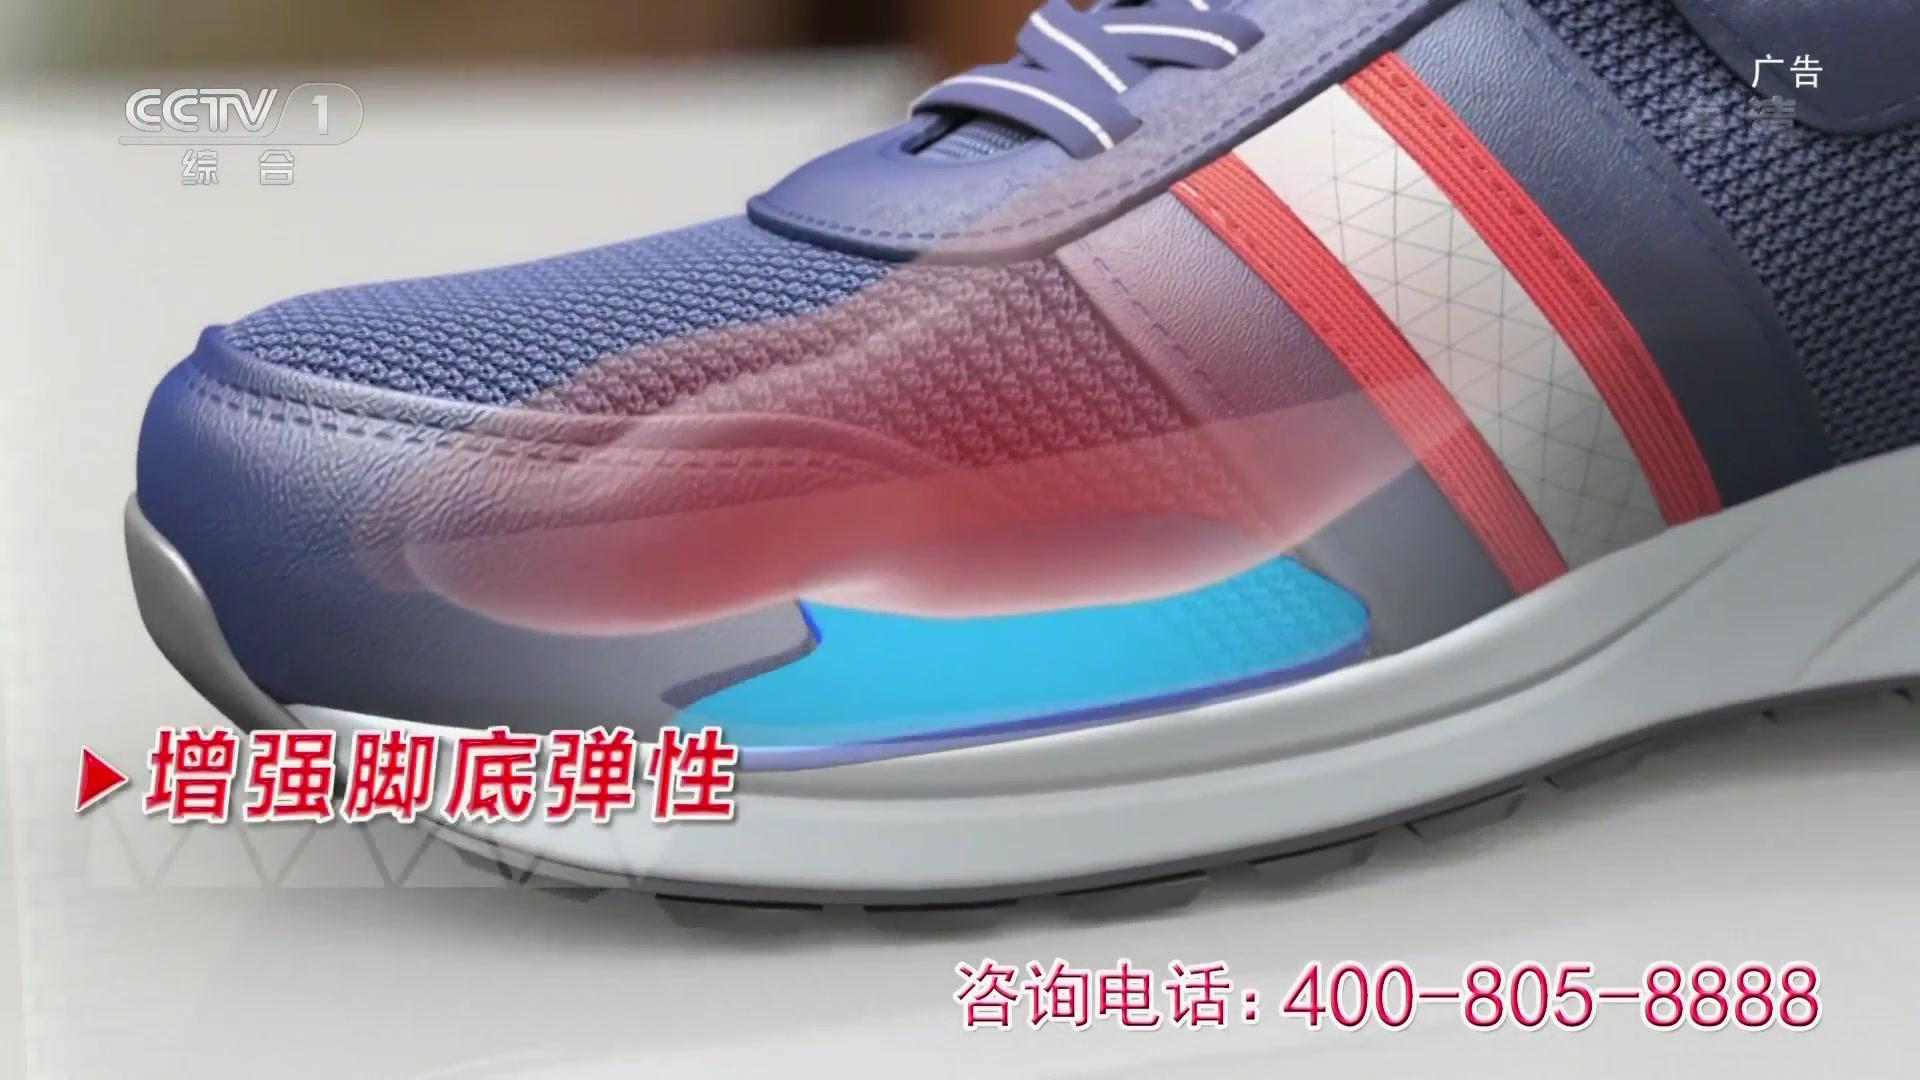 央视广告欣赏-足力健老人鞋